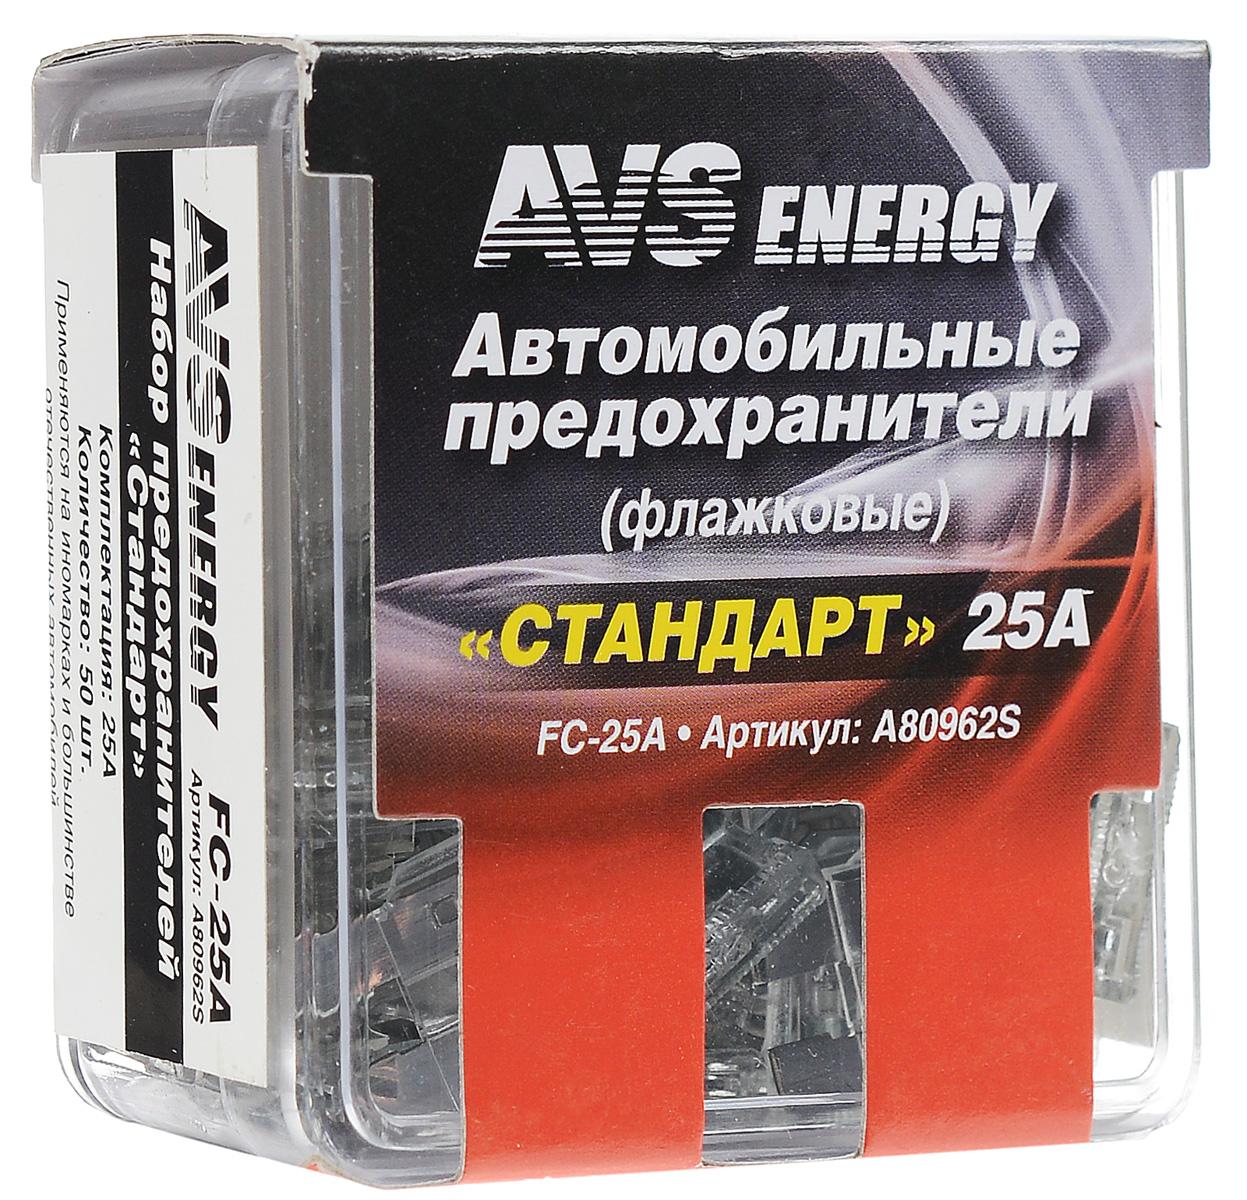 Набор автомобильных предохранителей AVS Стандарт, 25А, 50 штA80962SАвтомобильные флажковые предохранители AVS помогут защитить электрические цепи автомобиля от короткого замыкания и позволят без проблем заменить сгоревший предохранитель в автомобиле. Корпус предохранителя выполнен из прозрачного пластика, а элемент - из цинкового сплава. Набор автомобильных предохранителей Стандарт применяется на иномарках и большинстве отечественных автомобилей. Номинал: 25А. Тип: флажковые.